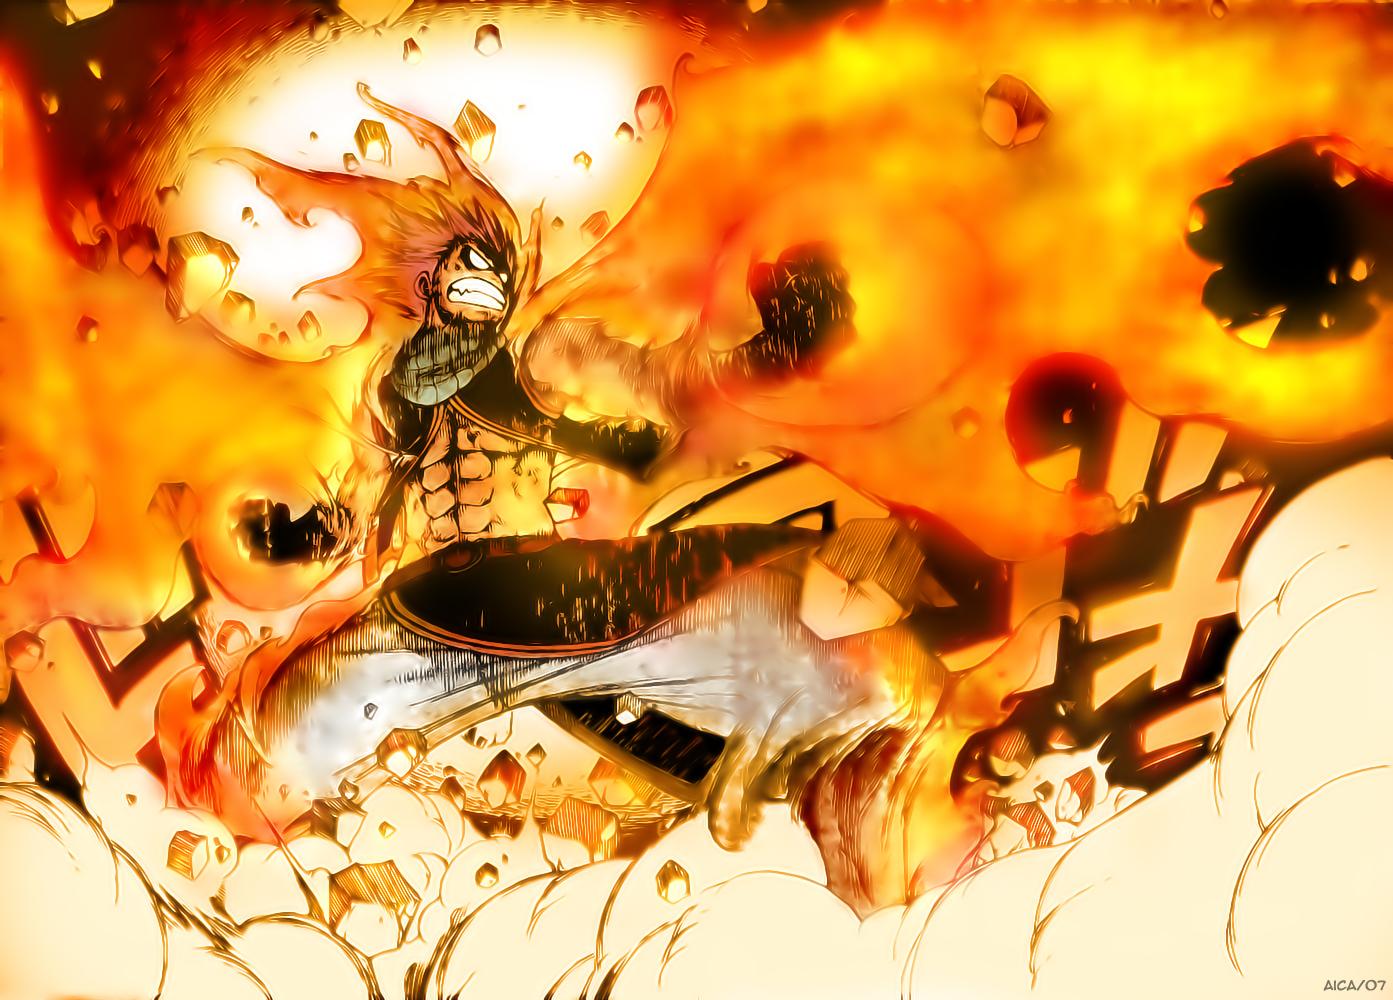 natsu dragneel natsu adalah penyihir dragon slayer api sekaligus 1393x1000